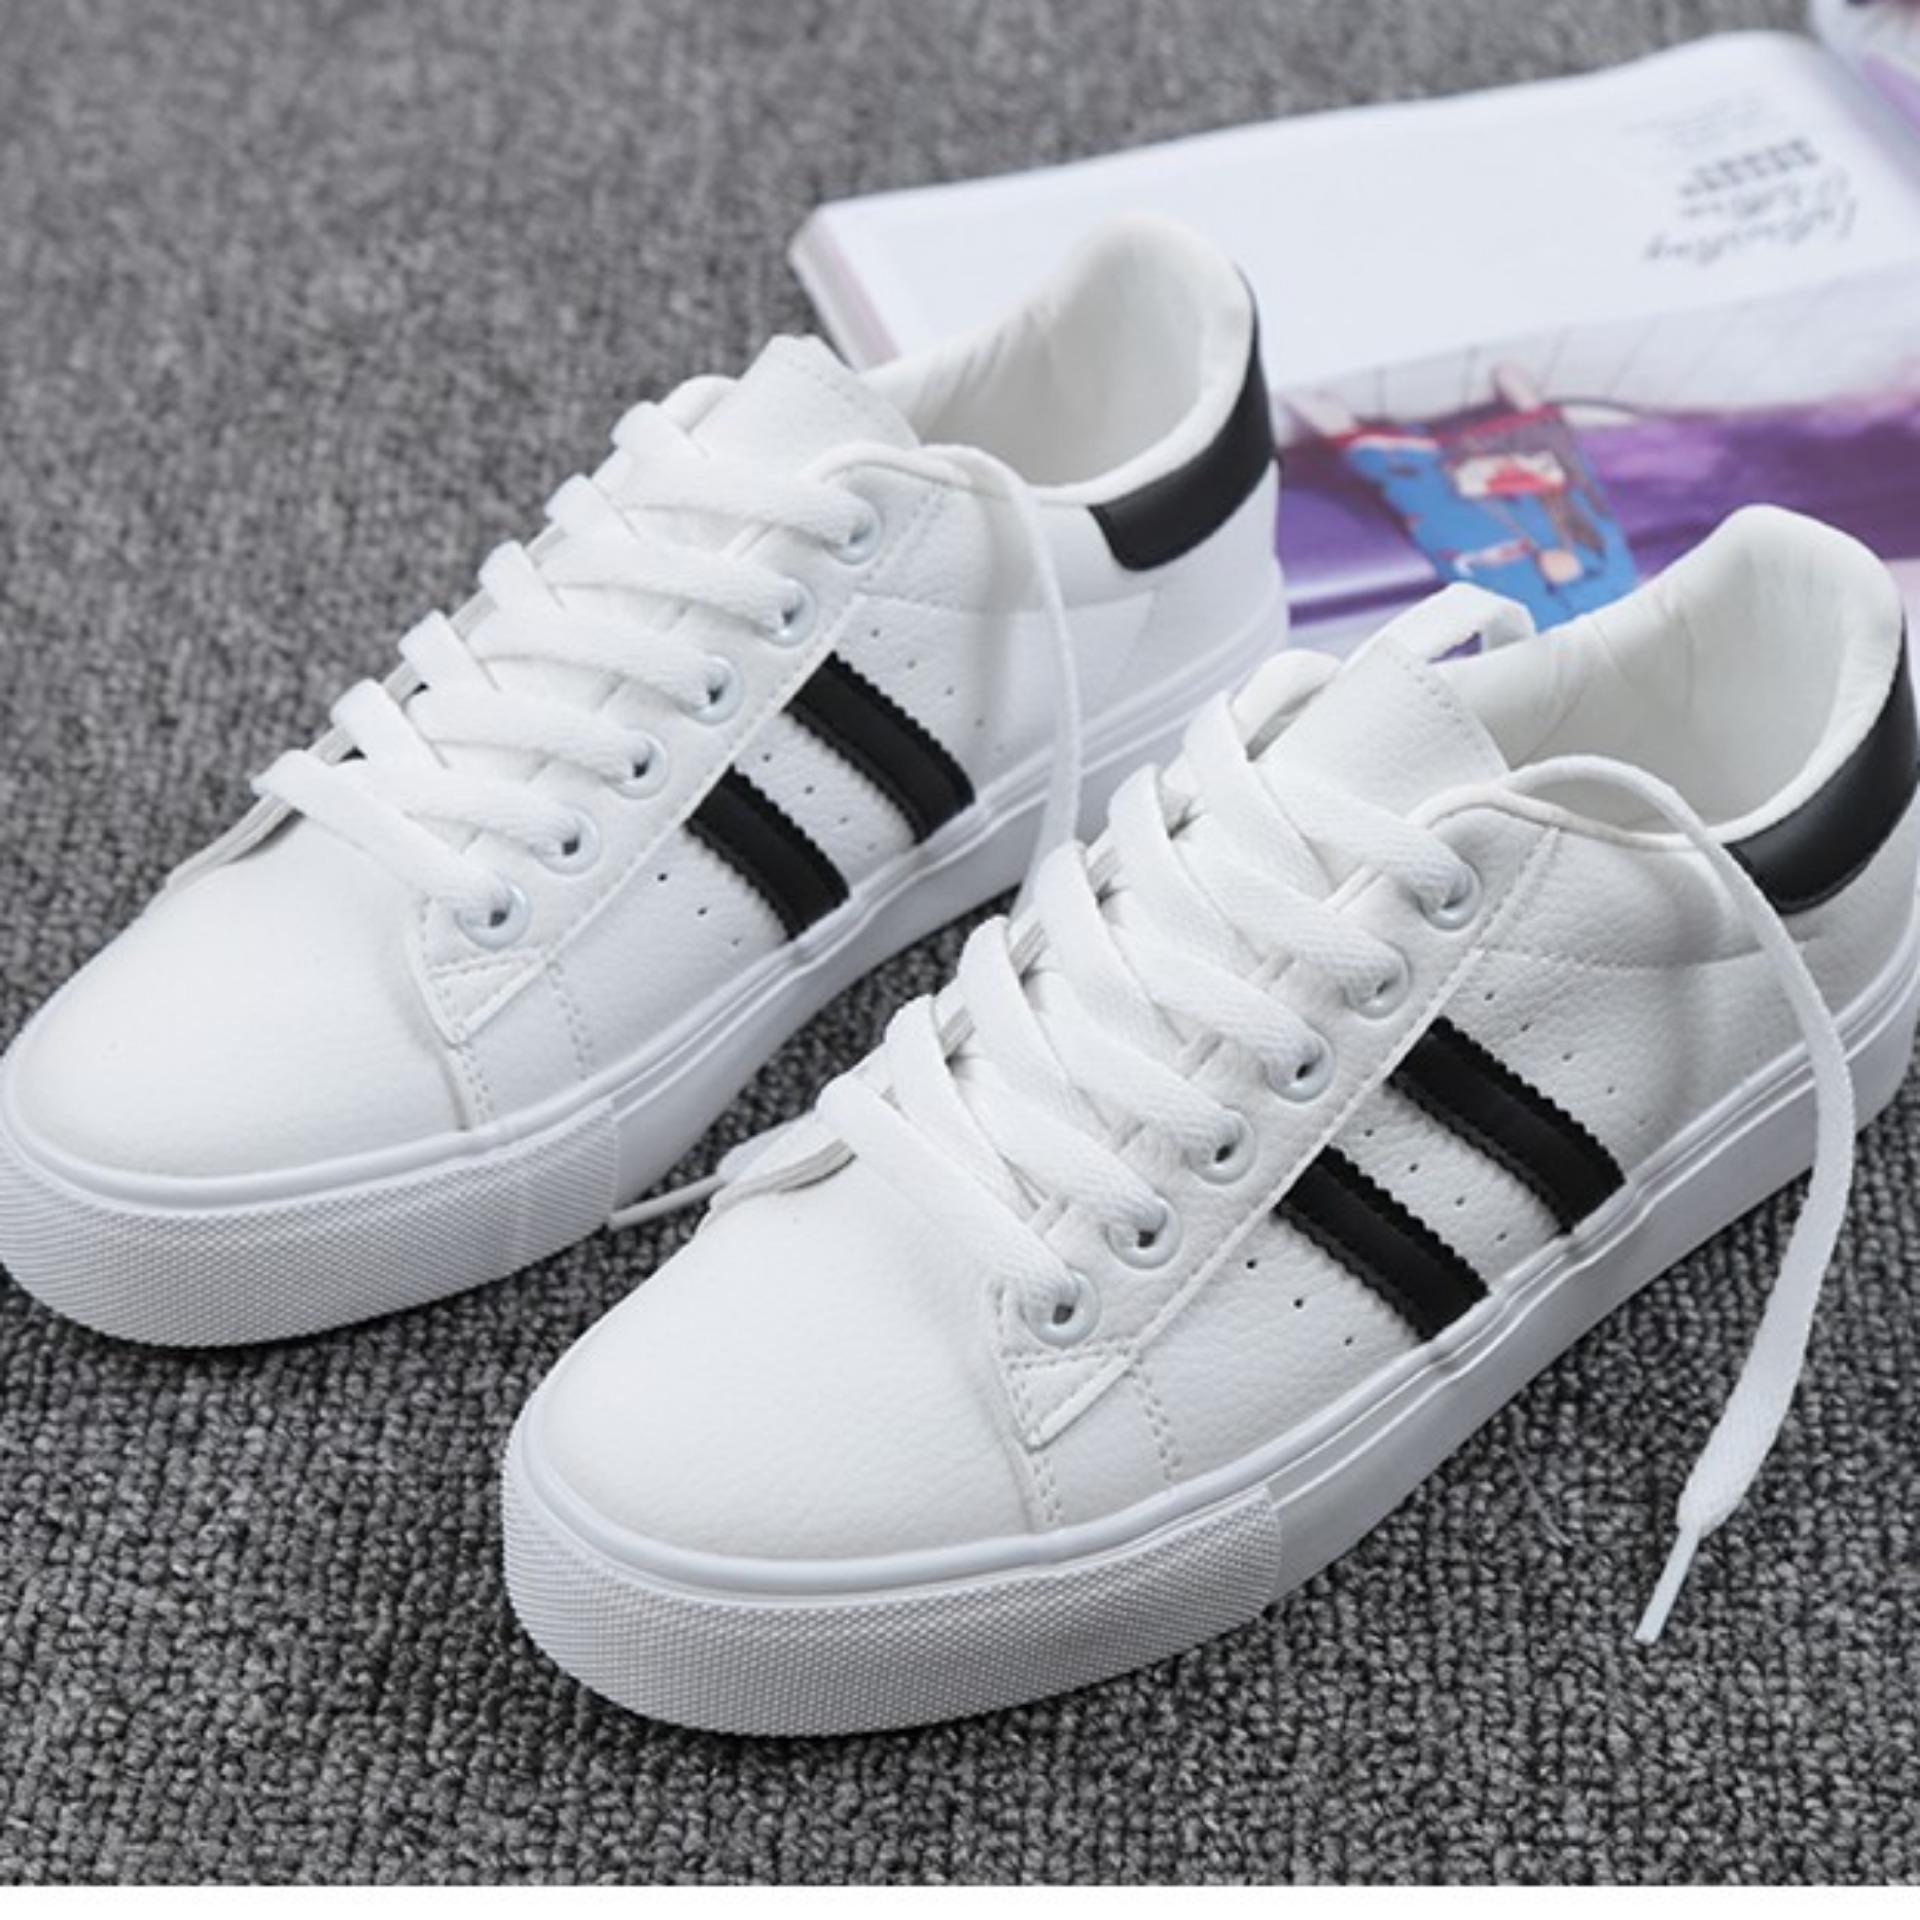 Buy Sell Cheapest Sepatu Olahraga Dan Best Quality Product Deals Pria Kasual Sneaker Bandung Wanita Putih Lis Hitam